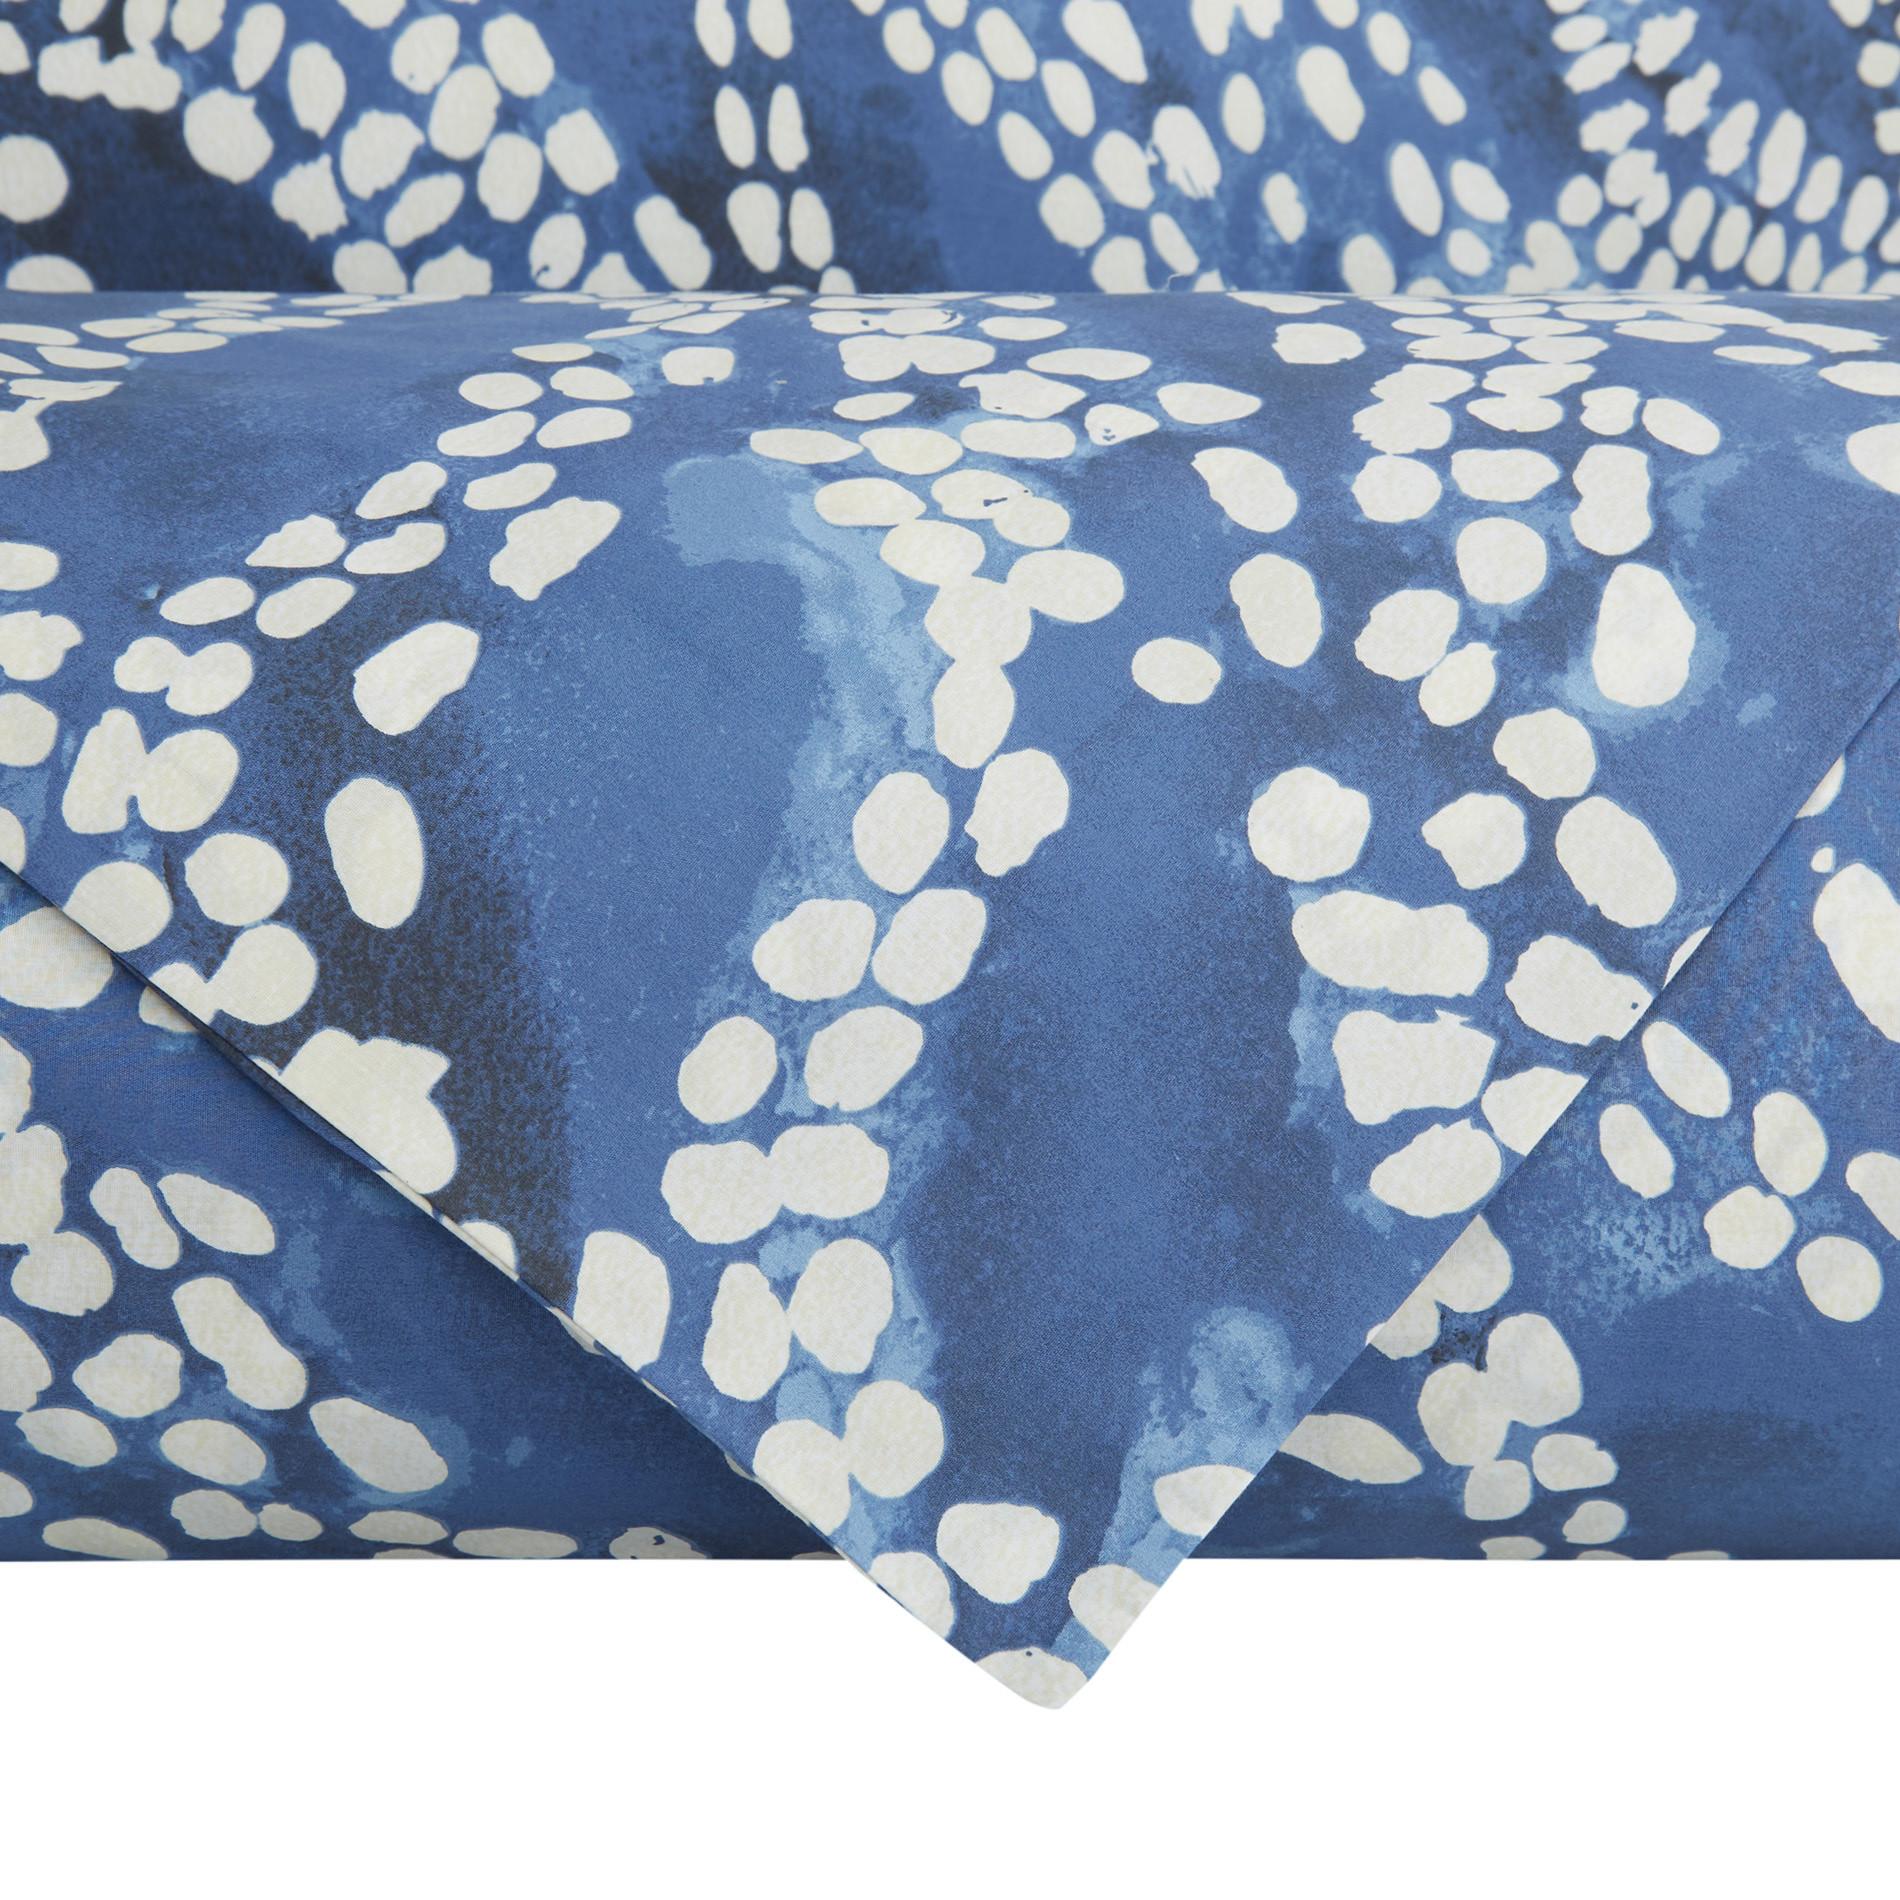 Lenzuolo liscio cotone percalle fantasia a puntini, Blu, large image number 2